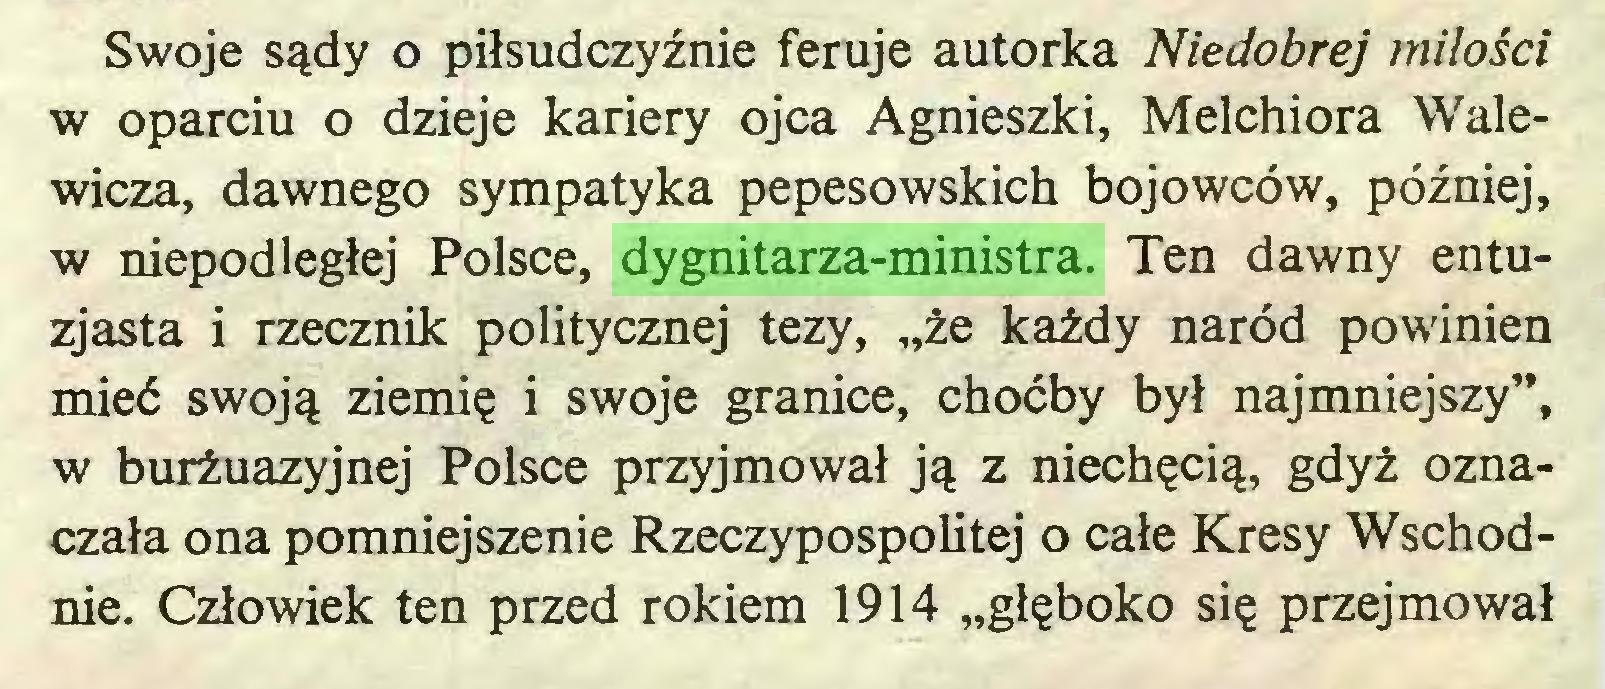 """(...) Swoje sądy o piłsudczyźnie feruje autorka Niedobrej miłości w oparciu o dzieje kariery ojca Agnieszki, Melchiora Walewicza, dawnego sympatyka pepesowskich bojowców, później, w niepodległej Polsce, dygnitarza-ministra. Ten dawny entuzjasta i rzecznik politycznej tezy, """"że każdy naród powinien mieć swoją ziemię i swoje granice, choćby był najmniejszy"""", w burżuazyjnej Polsce przyjmował ją z niechęcią, gdyż oznaczała ona pomniejszenie Rzeczypospolitej o całe Kresy Wschodnie. Człowiek ten przed rokiem 1914 """"głęboko się przejmował..."""